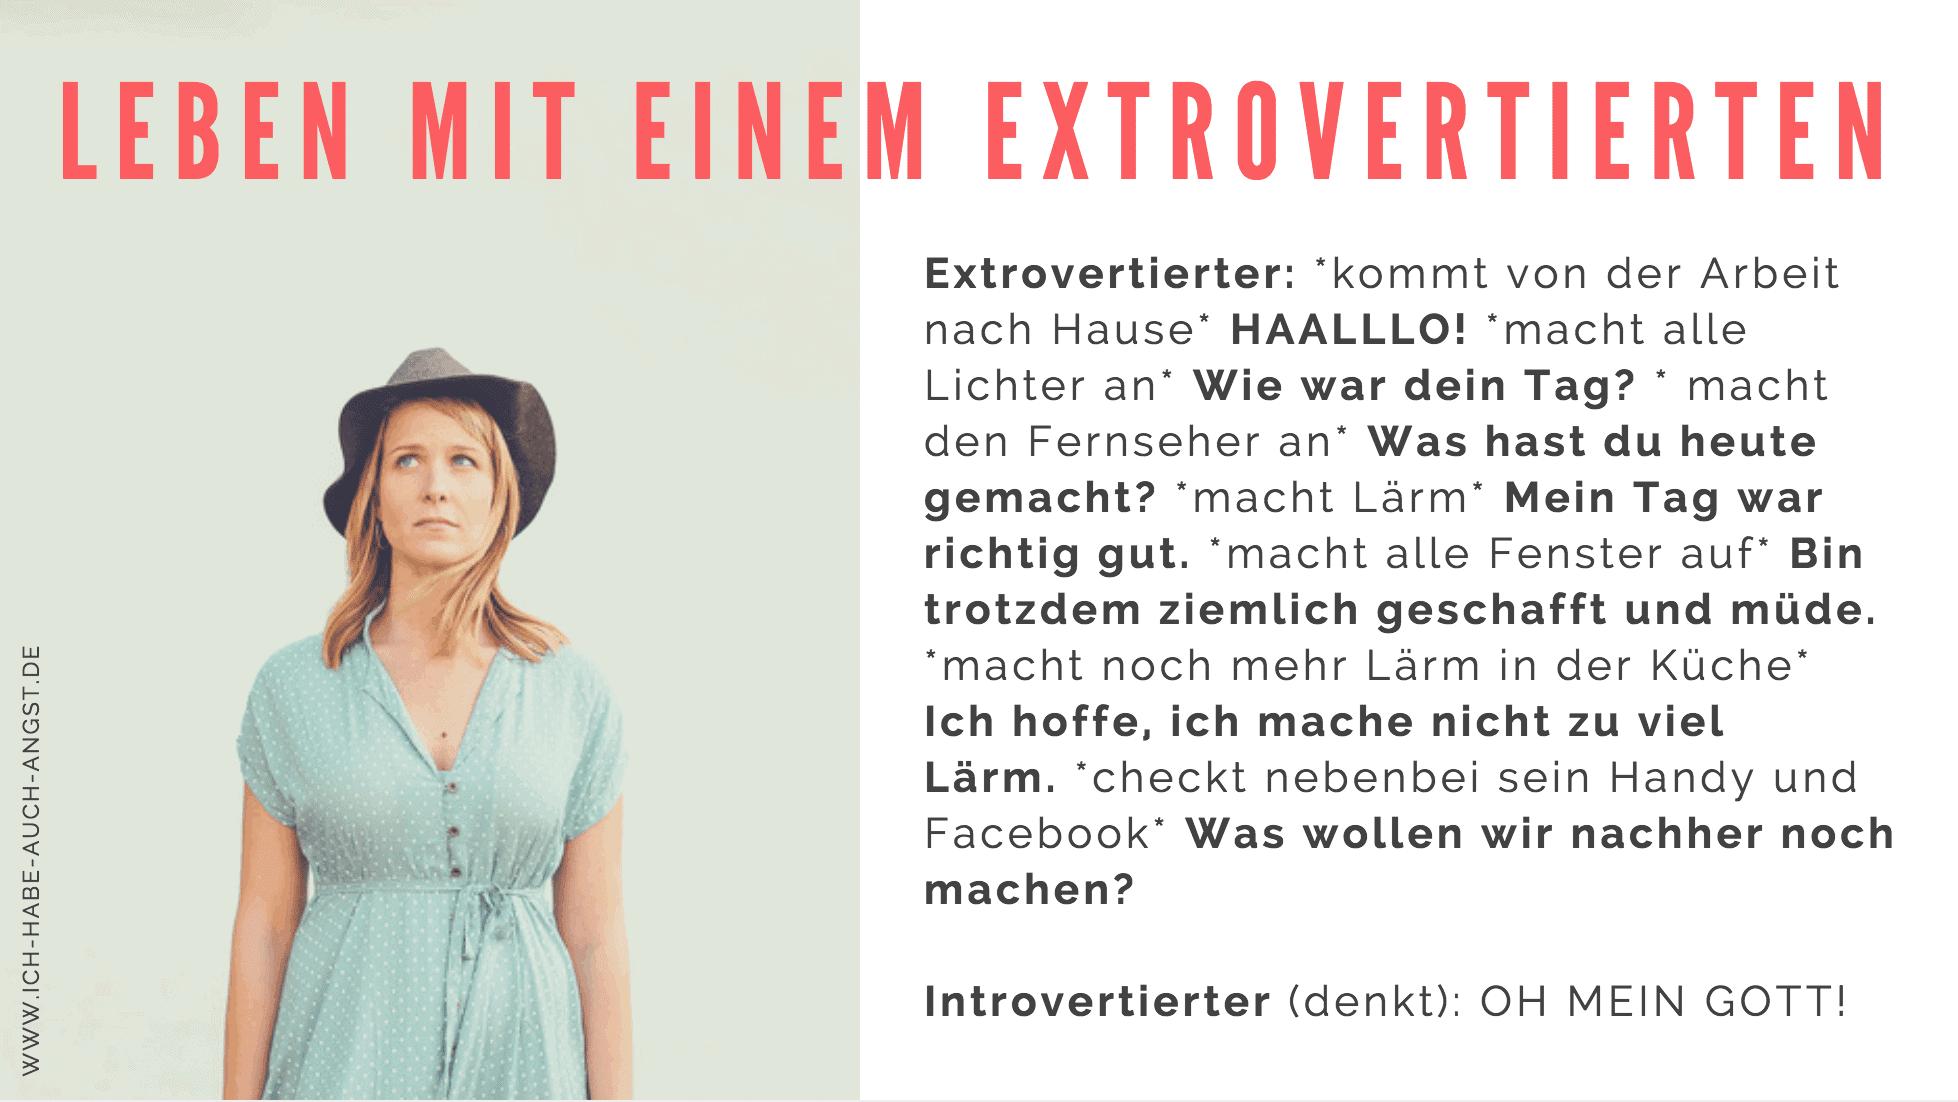 Leben mit extrovertierten und introvertierten Partnern